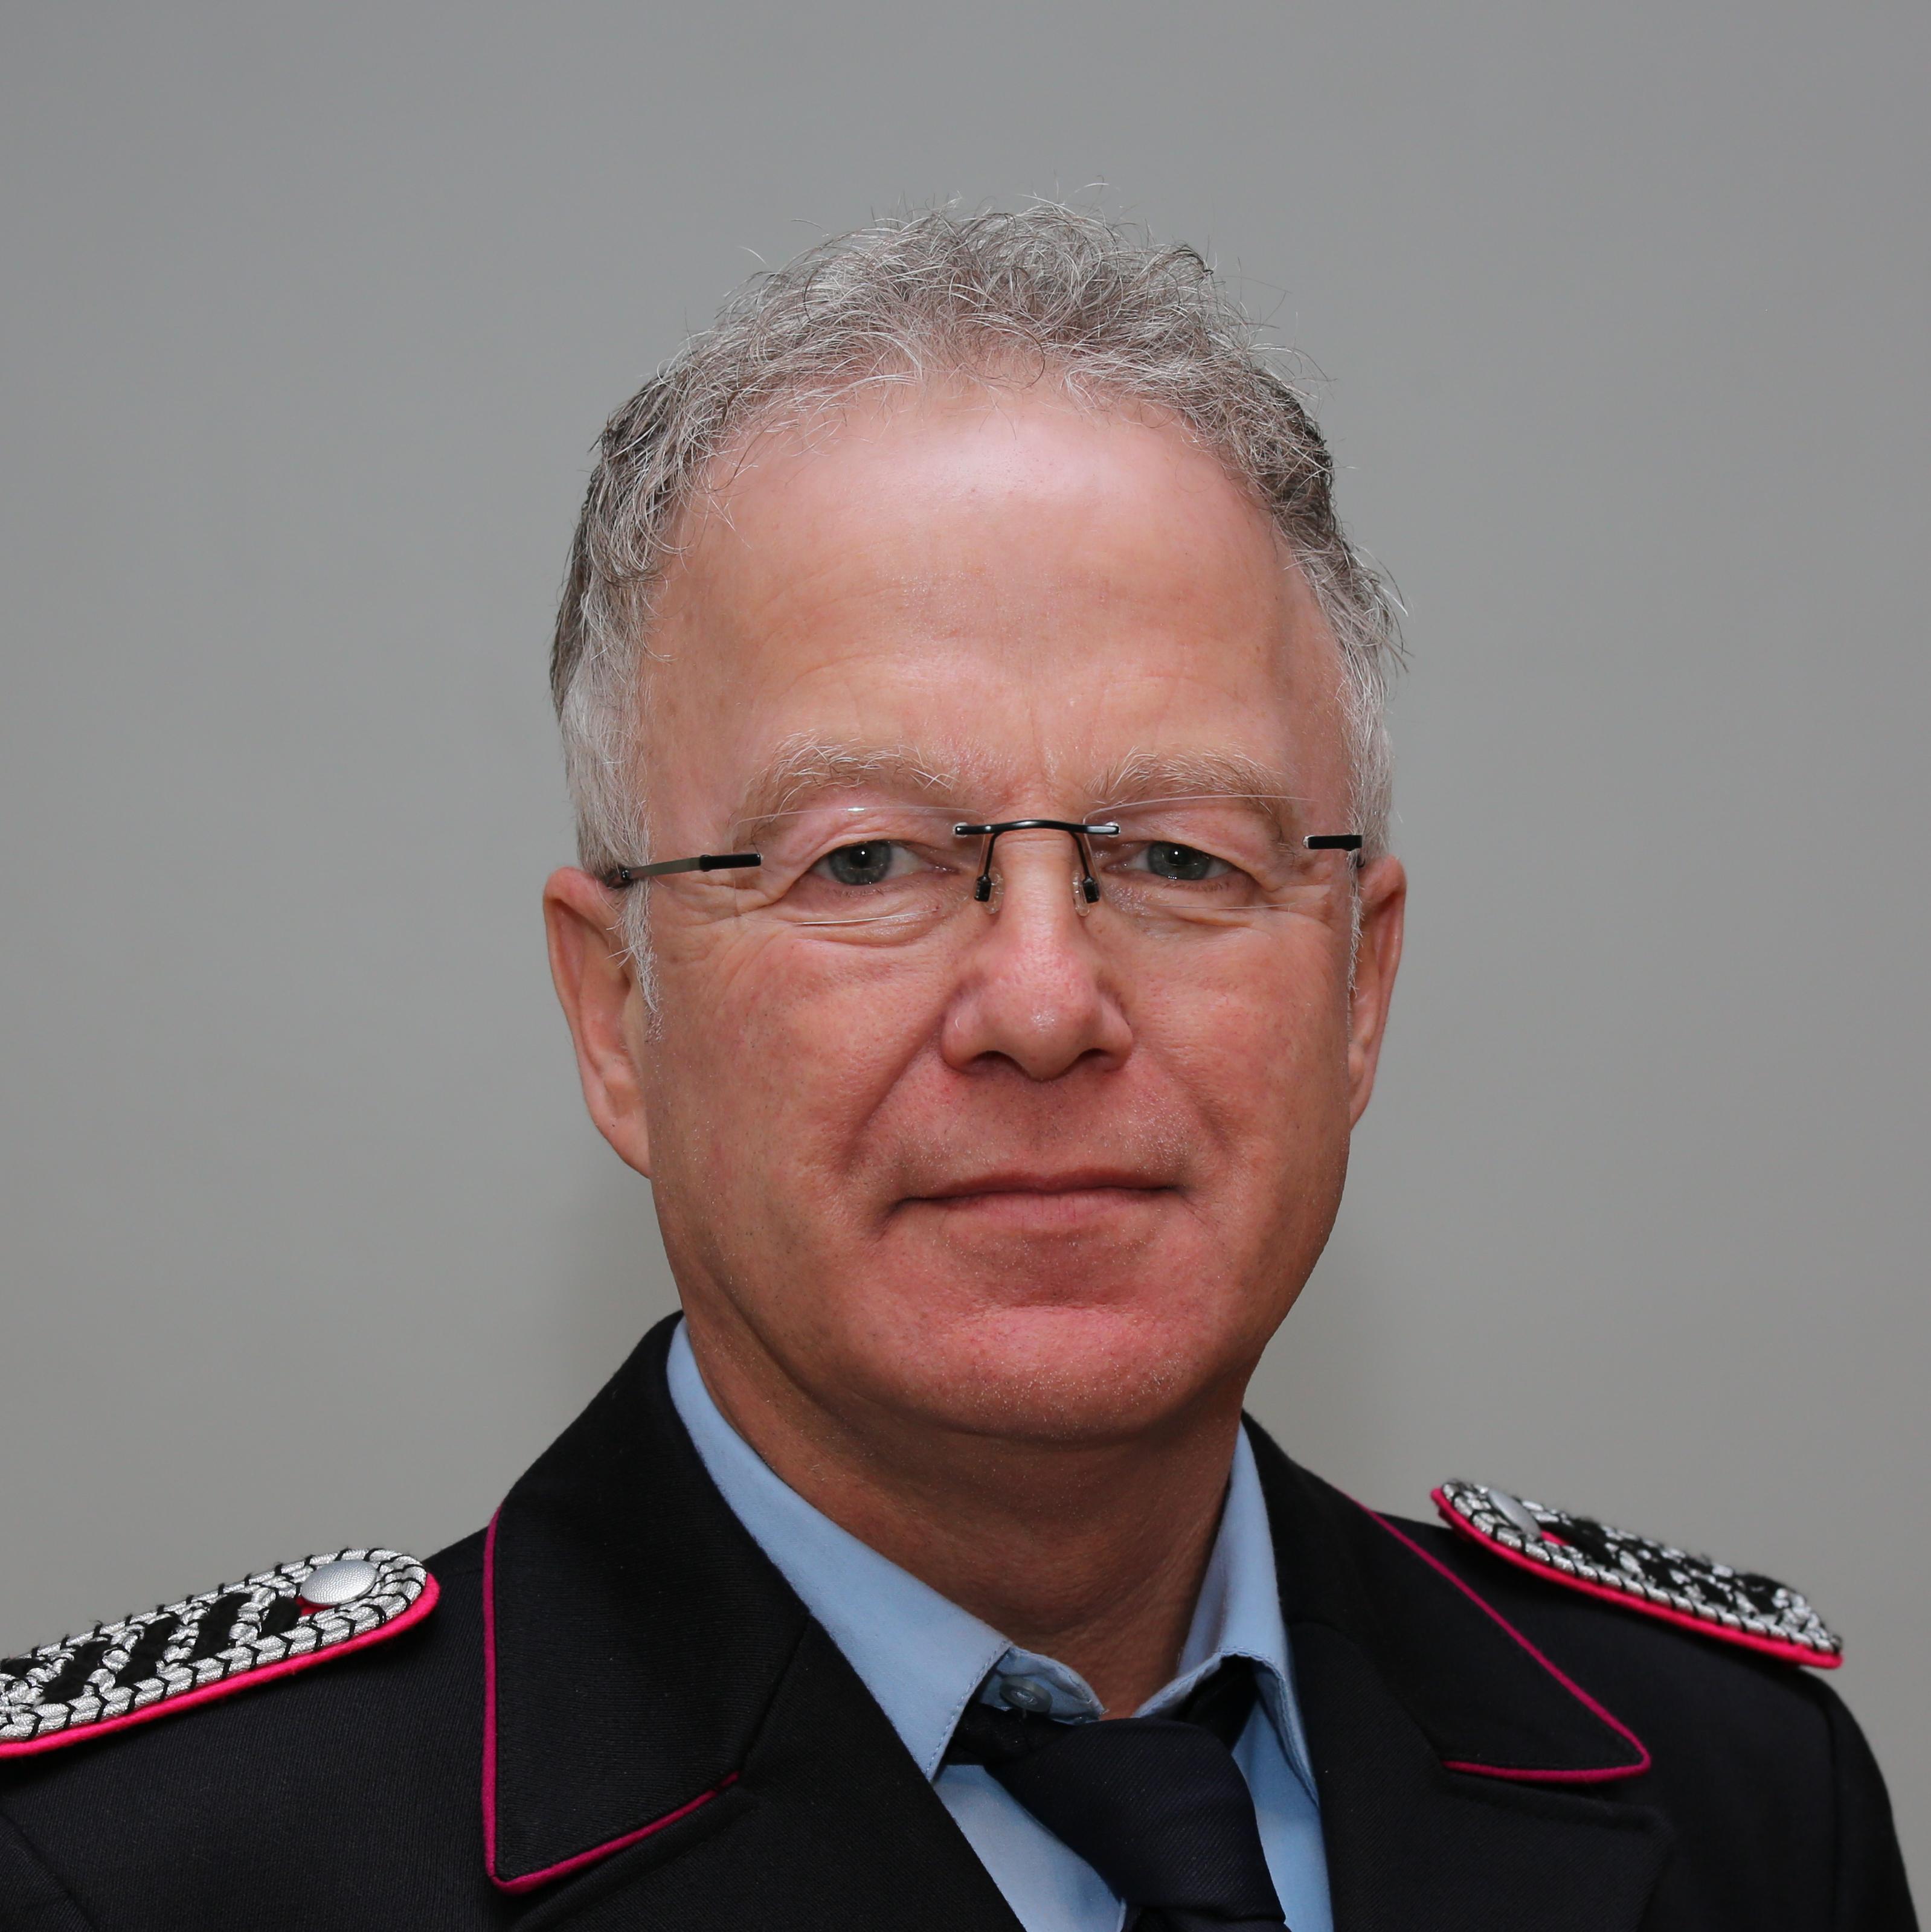 Maik Sternberg